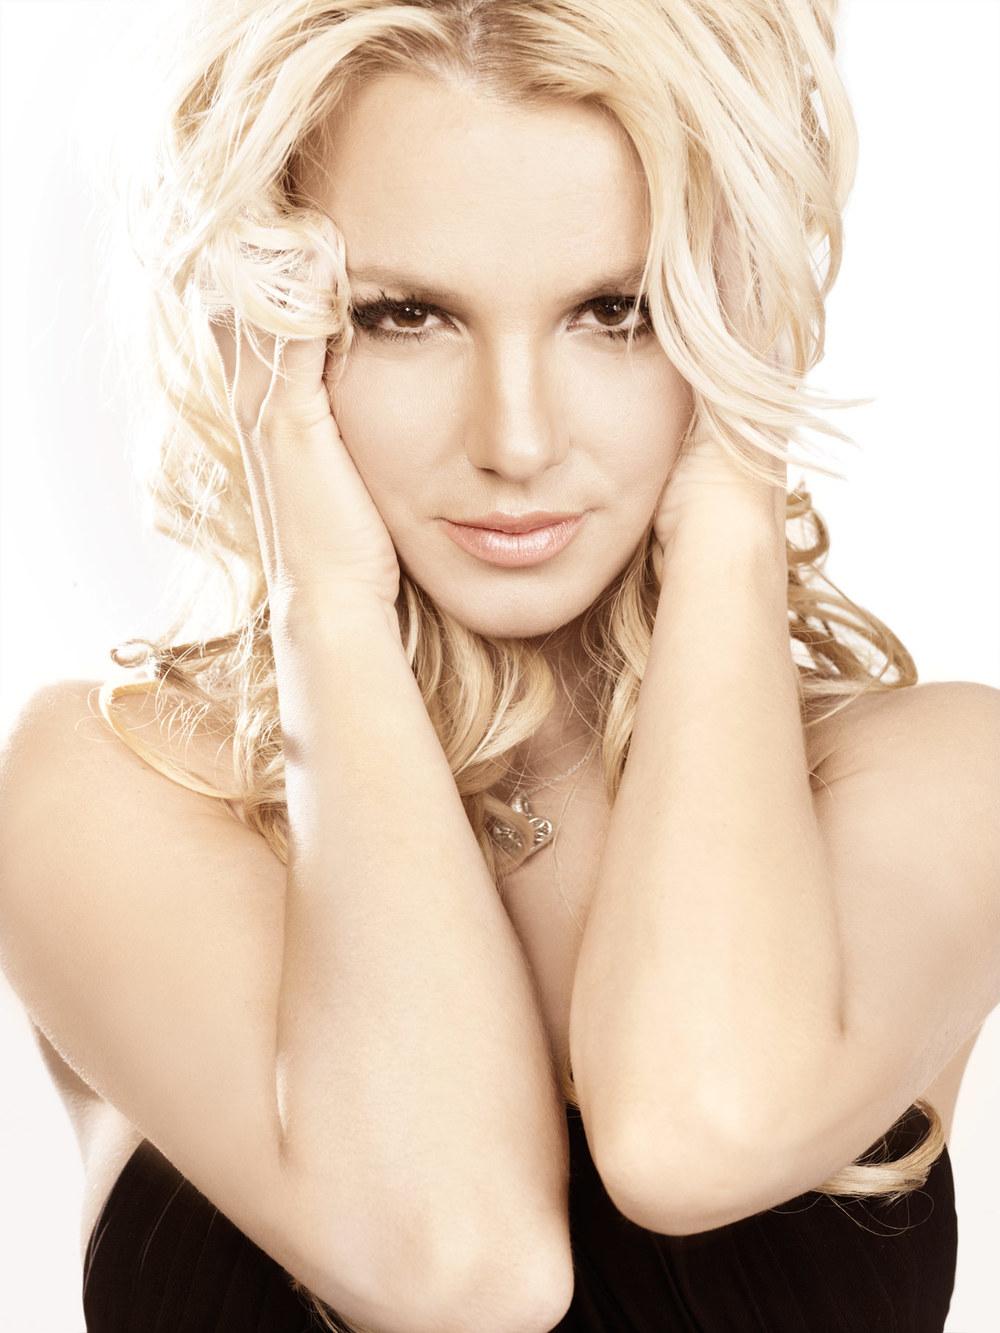 блондинка рэнди спирс